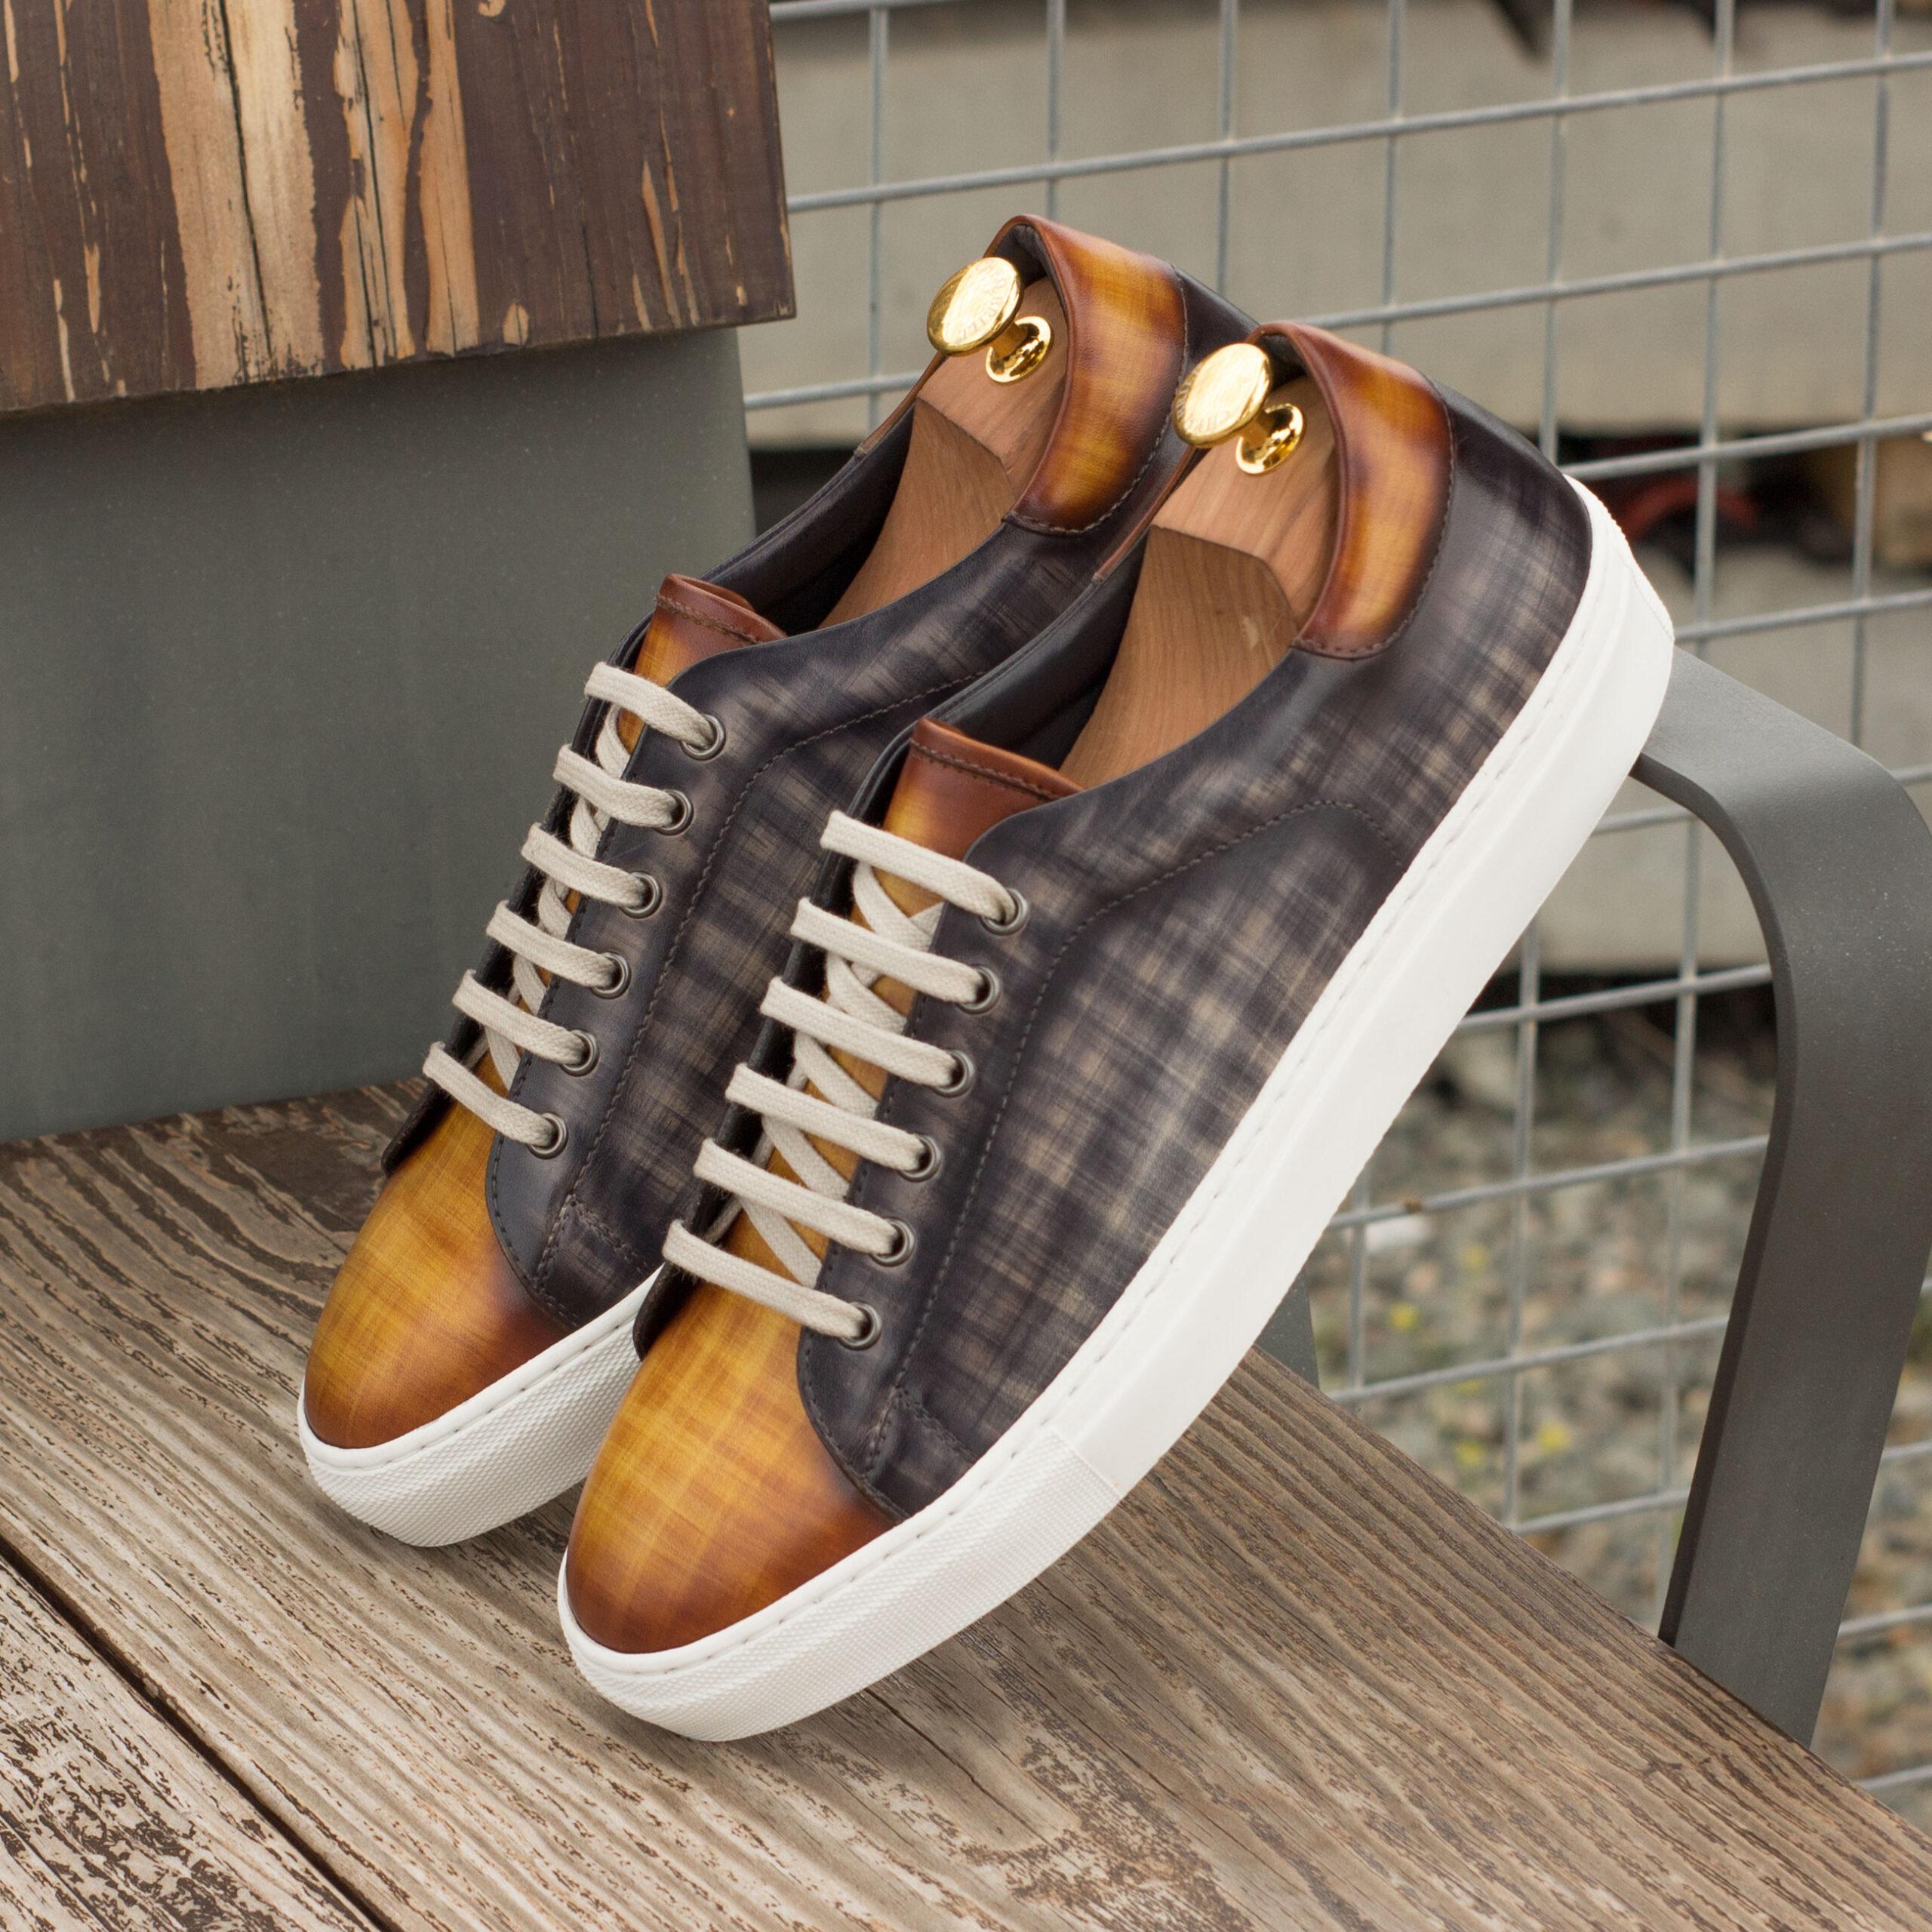 Baskets patine grise et cognac faite à la main